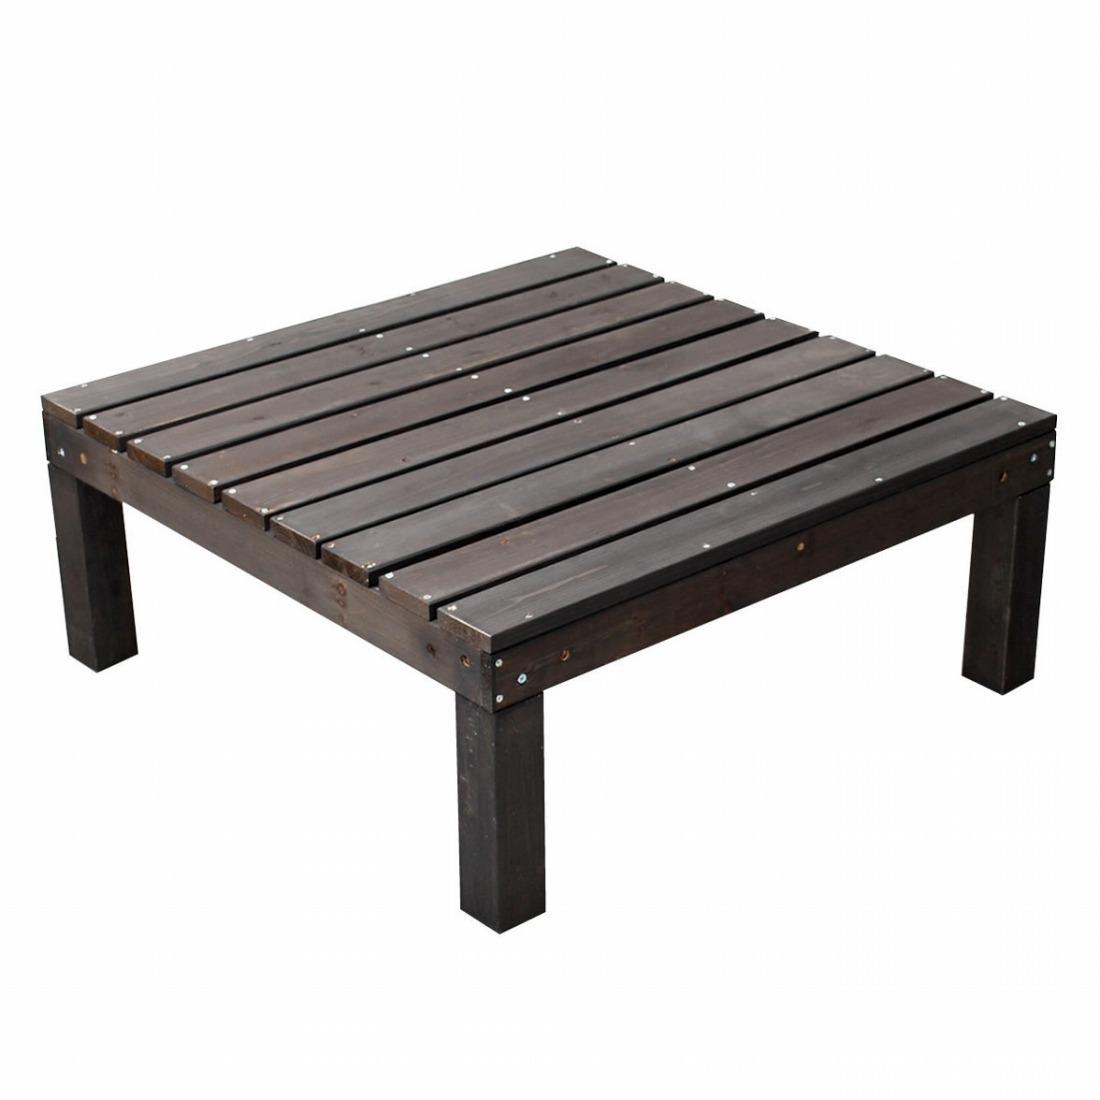 ユニットウッドデッキ harmonie(アルモニー)90×90 ウッドデッキ 簡単 縁側 本格的 DIY 木製 天然木 庭 ベランダ(代引不可)【送料無料】